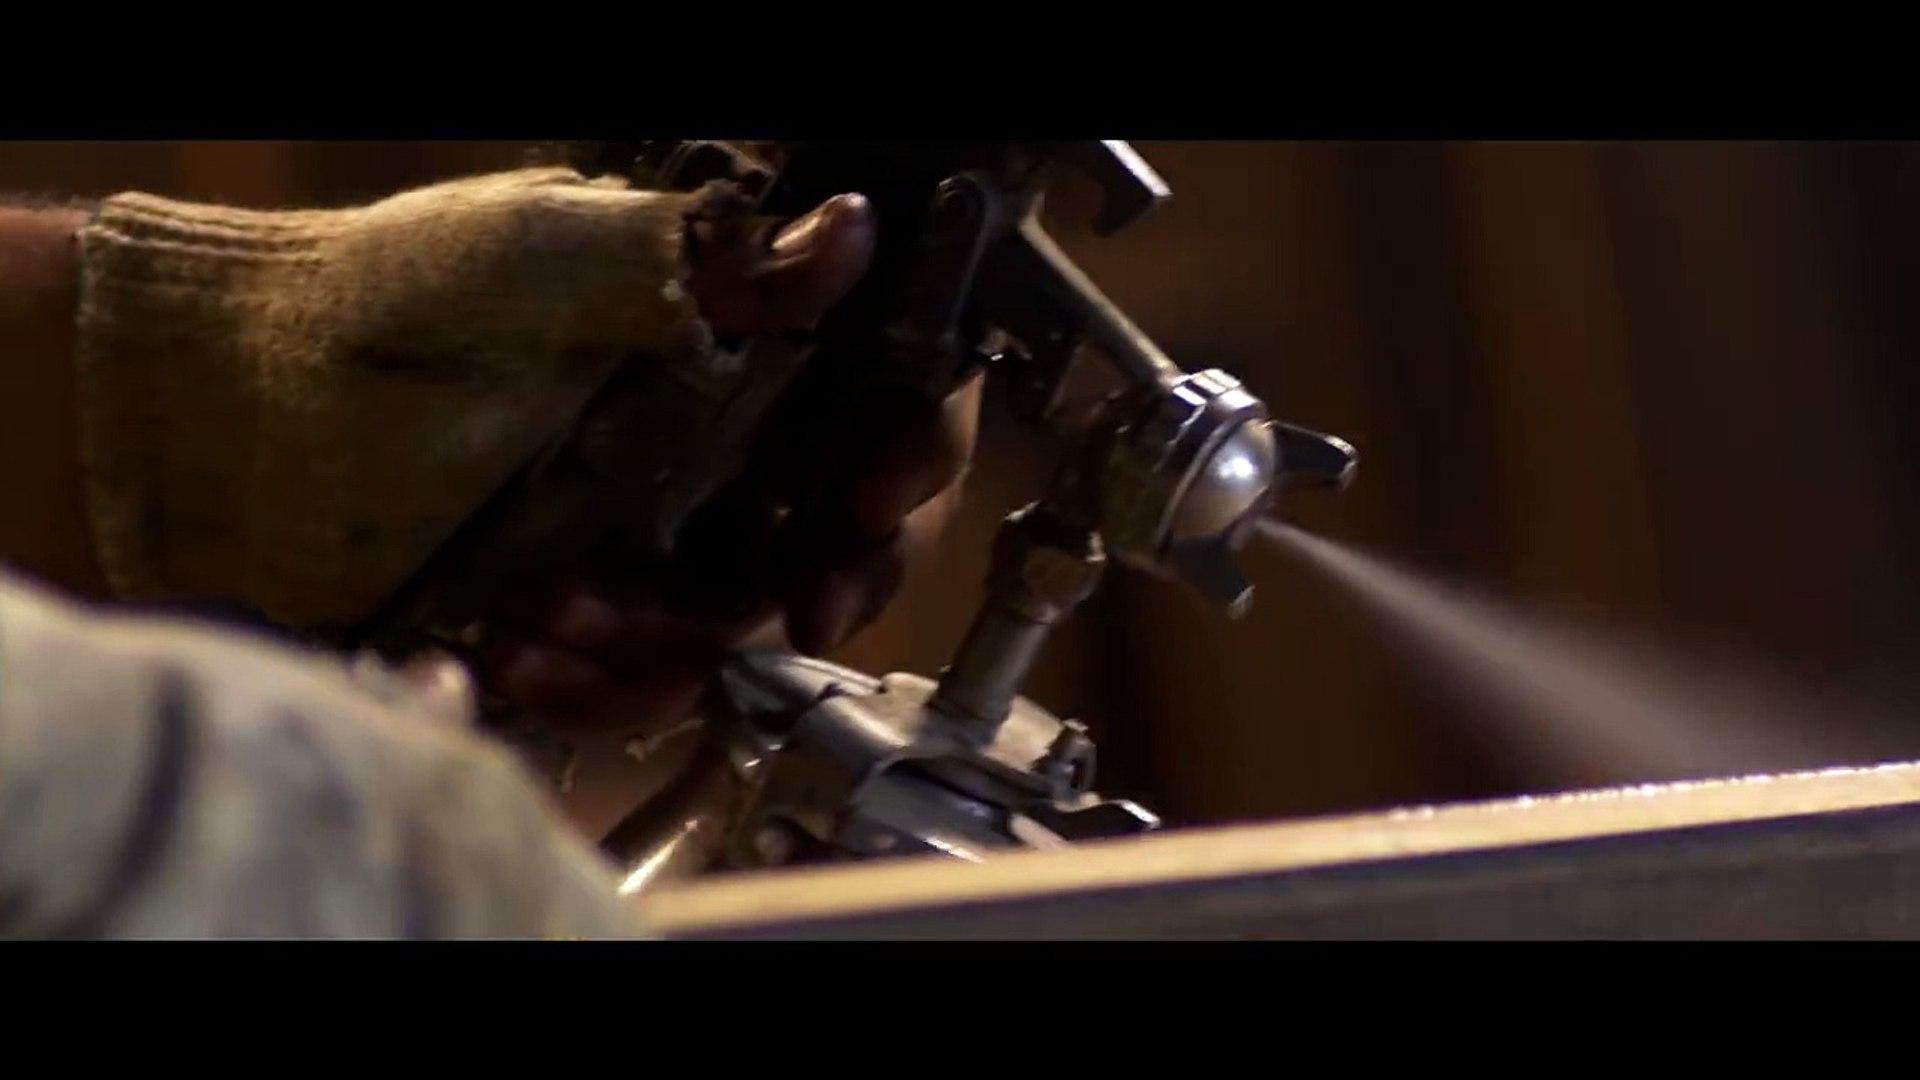 White Coffin (Ataúd blanco: el juego diabólico) theatrical trailer - Daniel de la Vega-directed horr